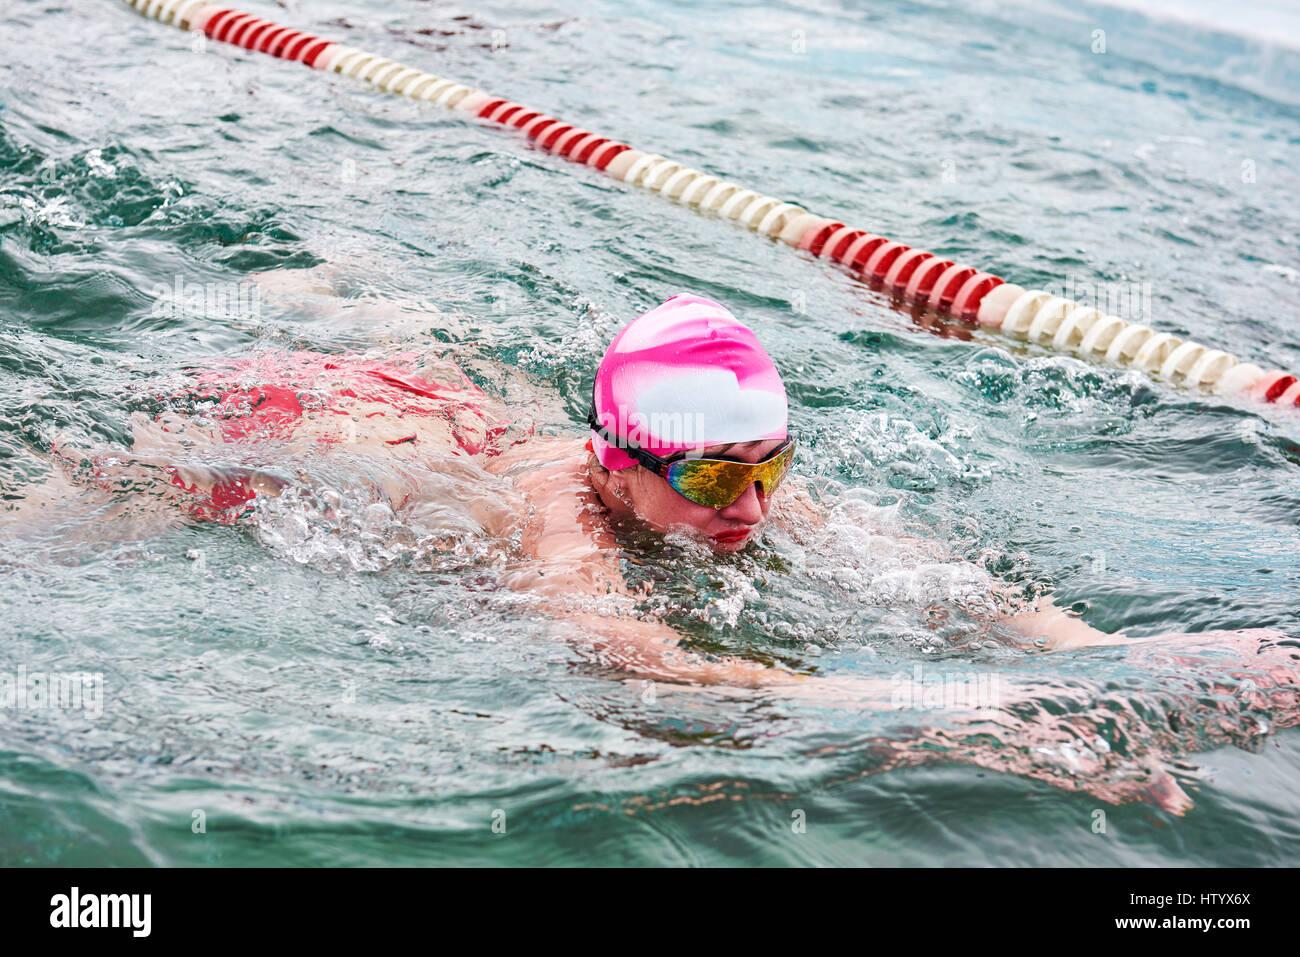 SAHYURTA, Regione di Irkutsk, Russia - marzo 11.2017: Coppa di Baikal. Inverno gare di nuoto. Rana. Donna Immagini Stock